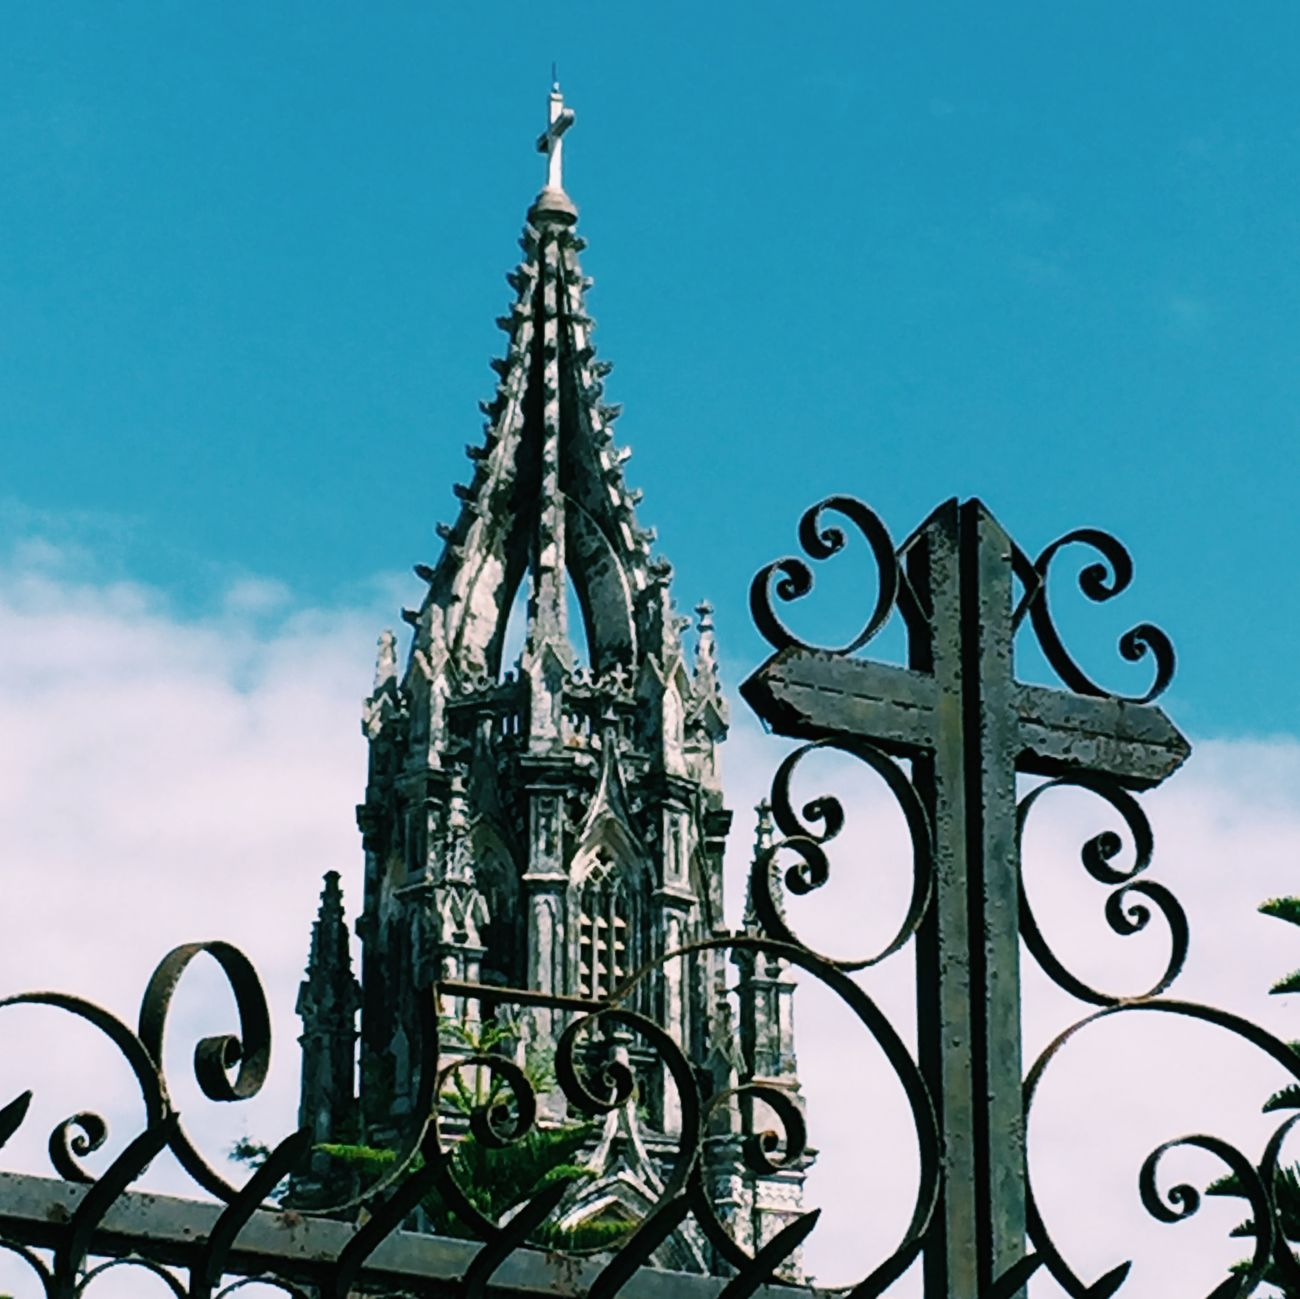 教堂 越南 Vietnamese 手机摄影 天空 蓝天